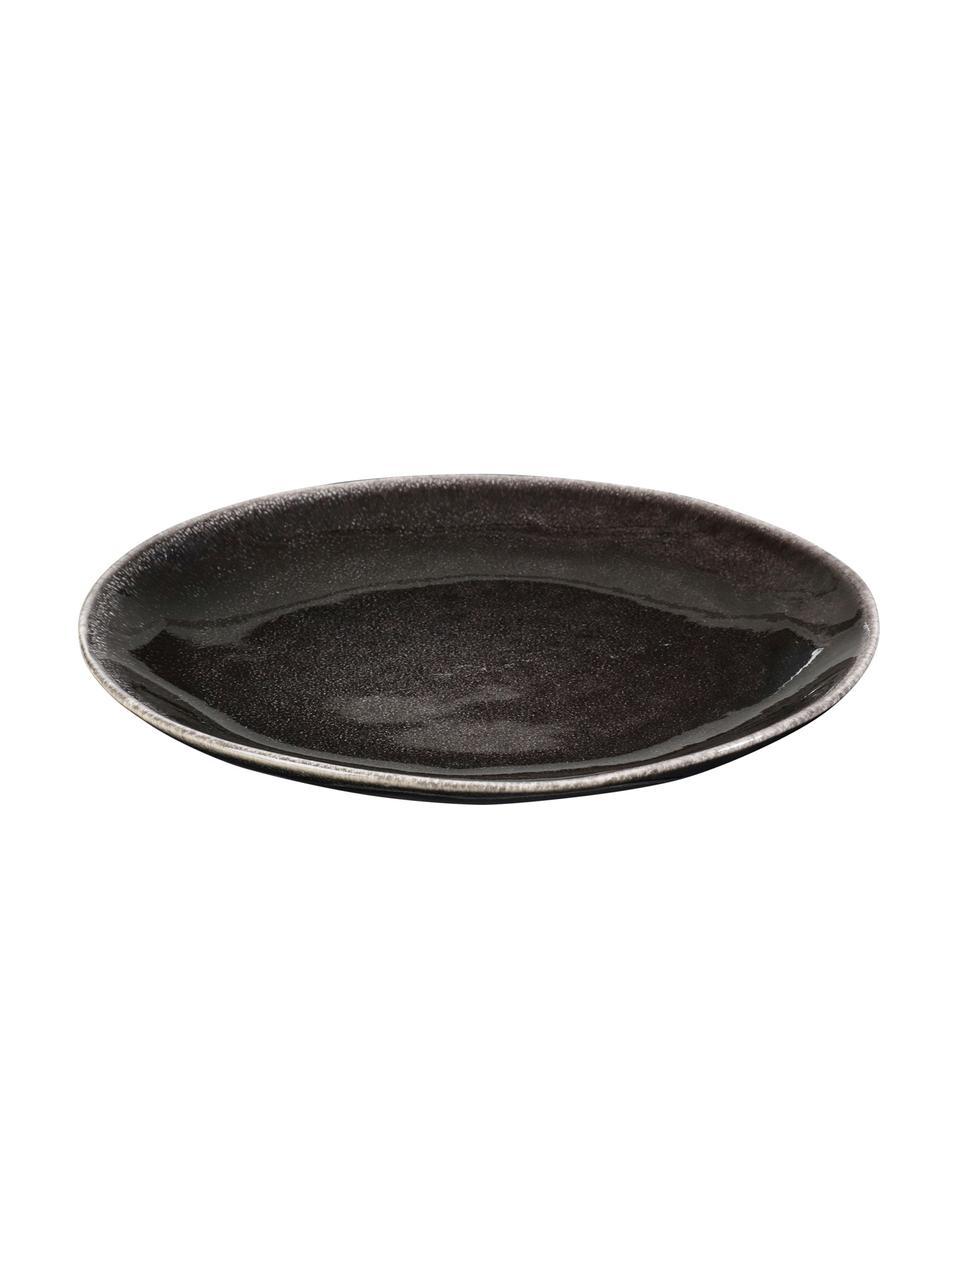 Ręcznie wykonany talerz śniadaniowy z kamionki Nordic Coal, 4 szt., Kamionka, Brązowy, Ø 20 x W 2 cm